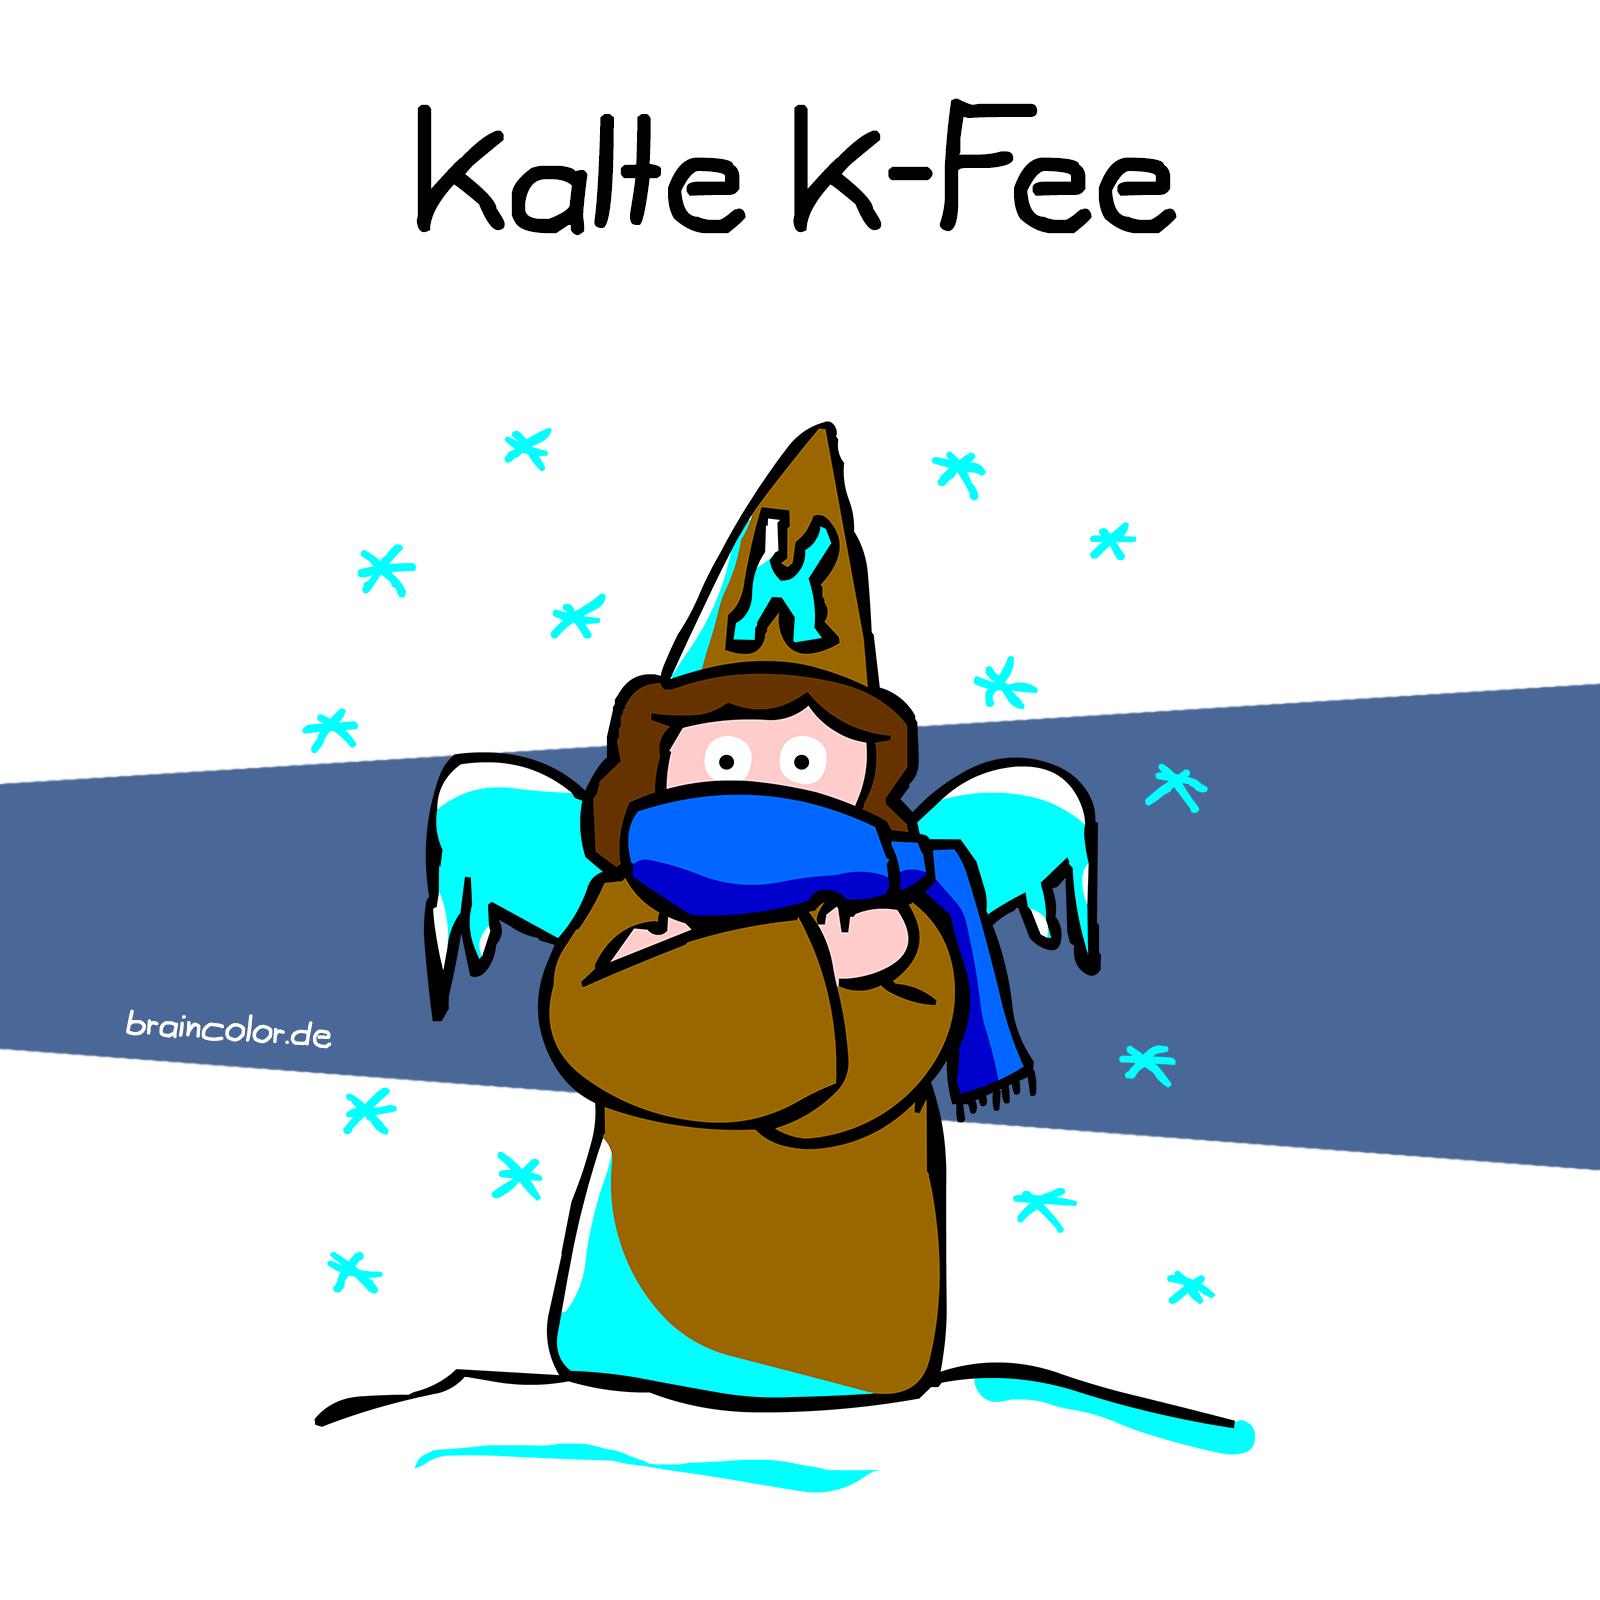 Kalte K-Fee